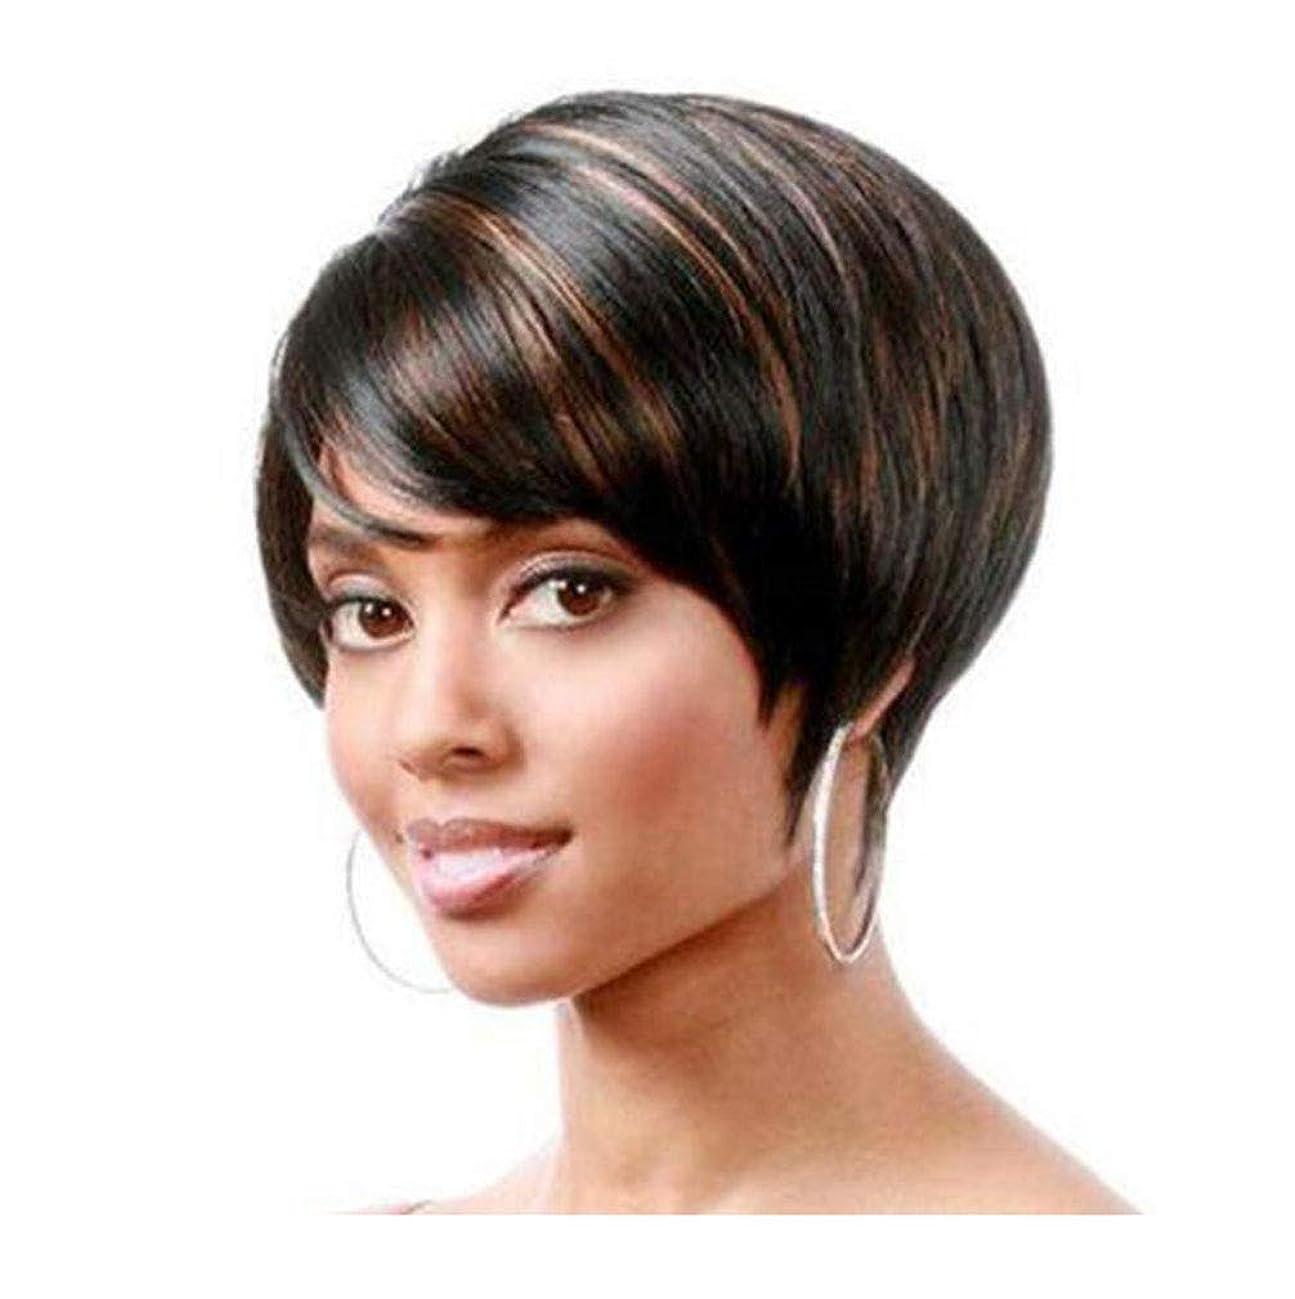 ピーブクリアお気に入り女性かつらショートストレートブラウンヘアピース本物の人間の髪の毛の耐熱性女性Cospalyパーティー日常使用